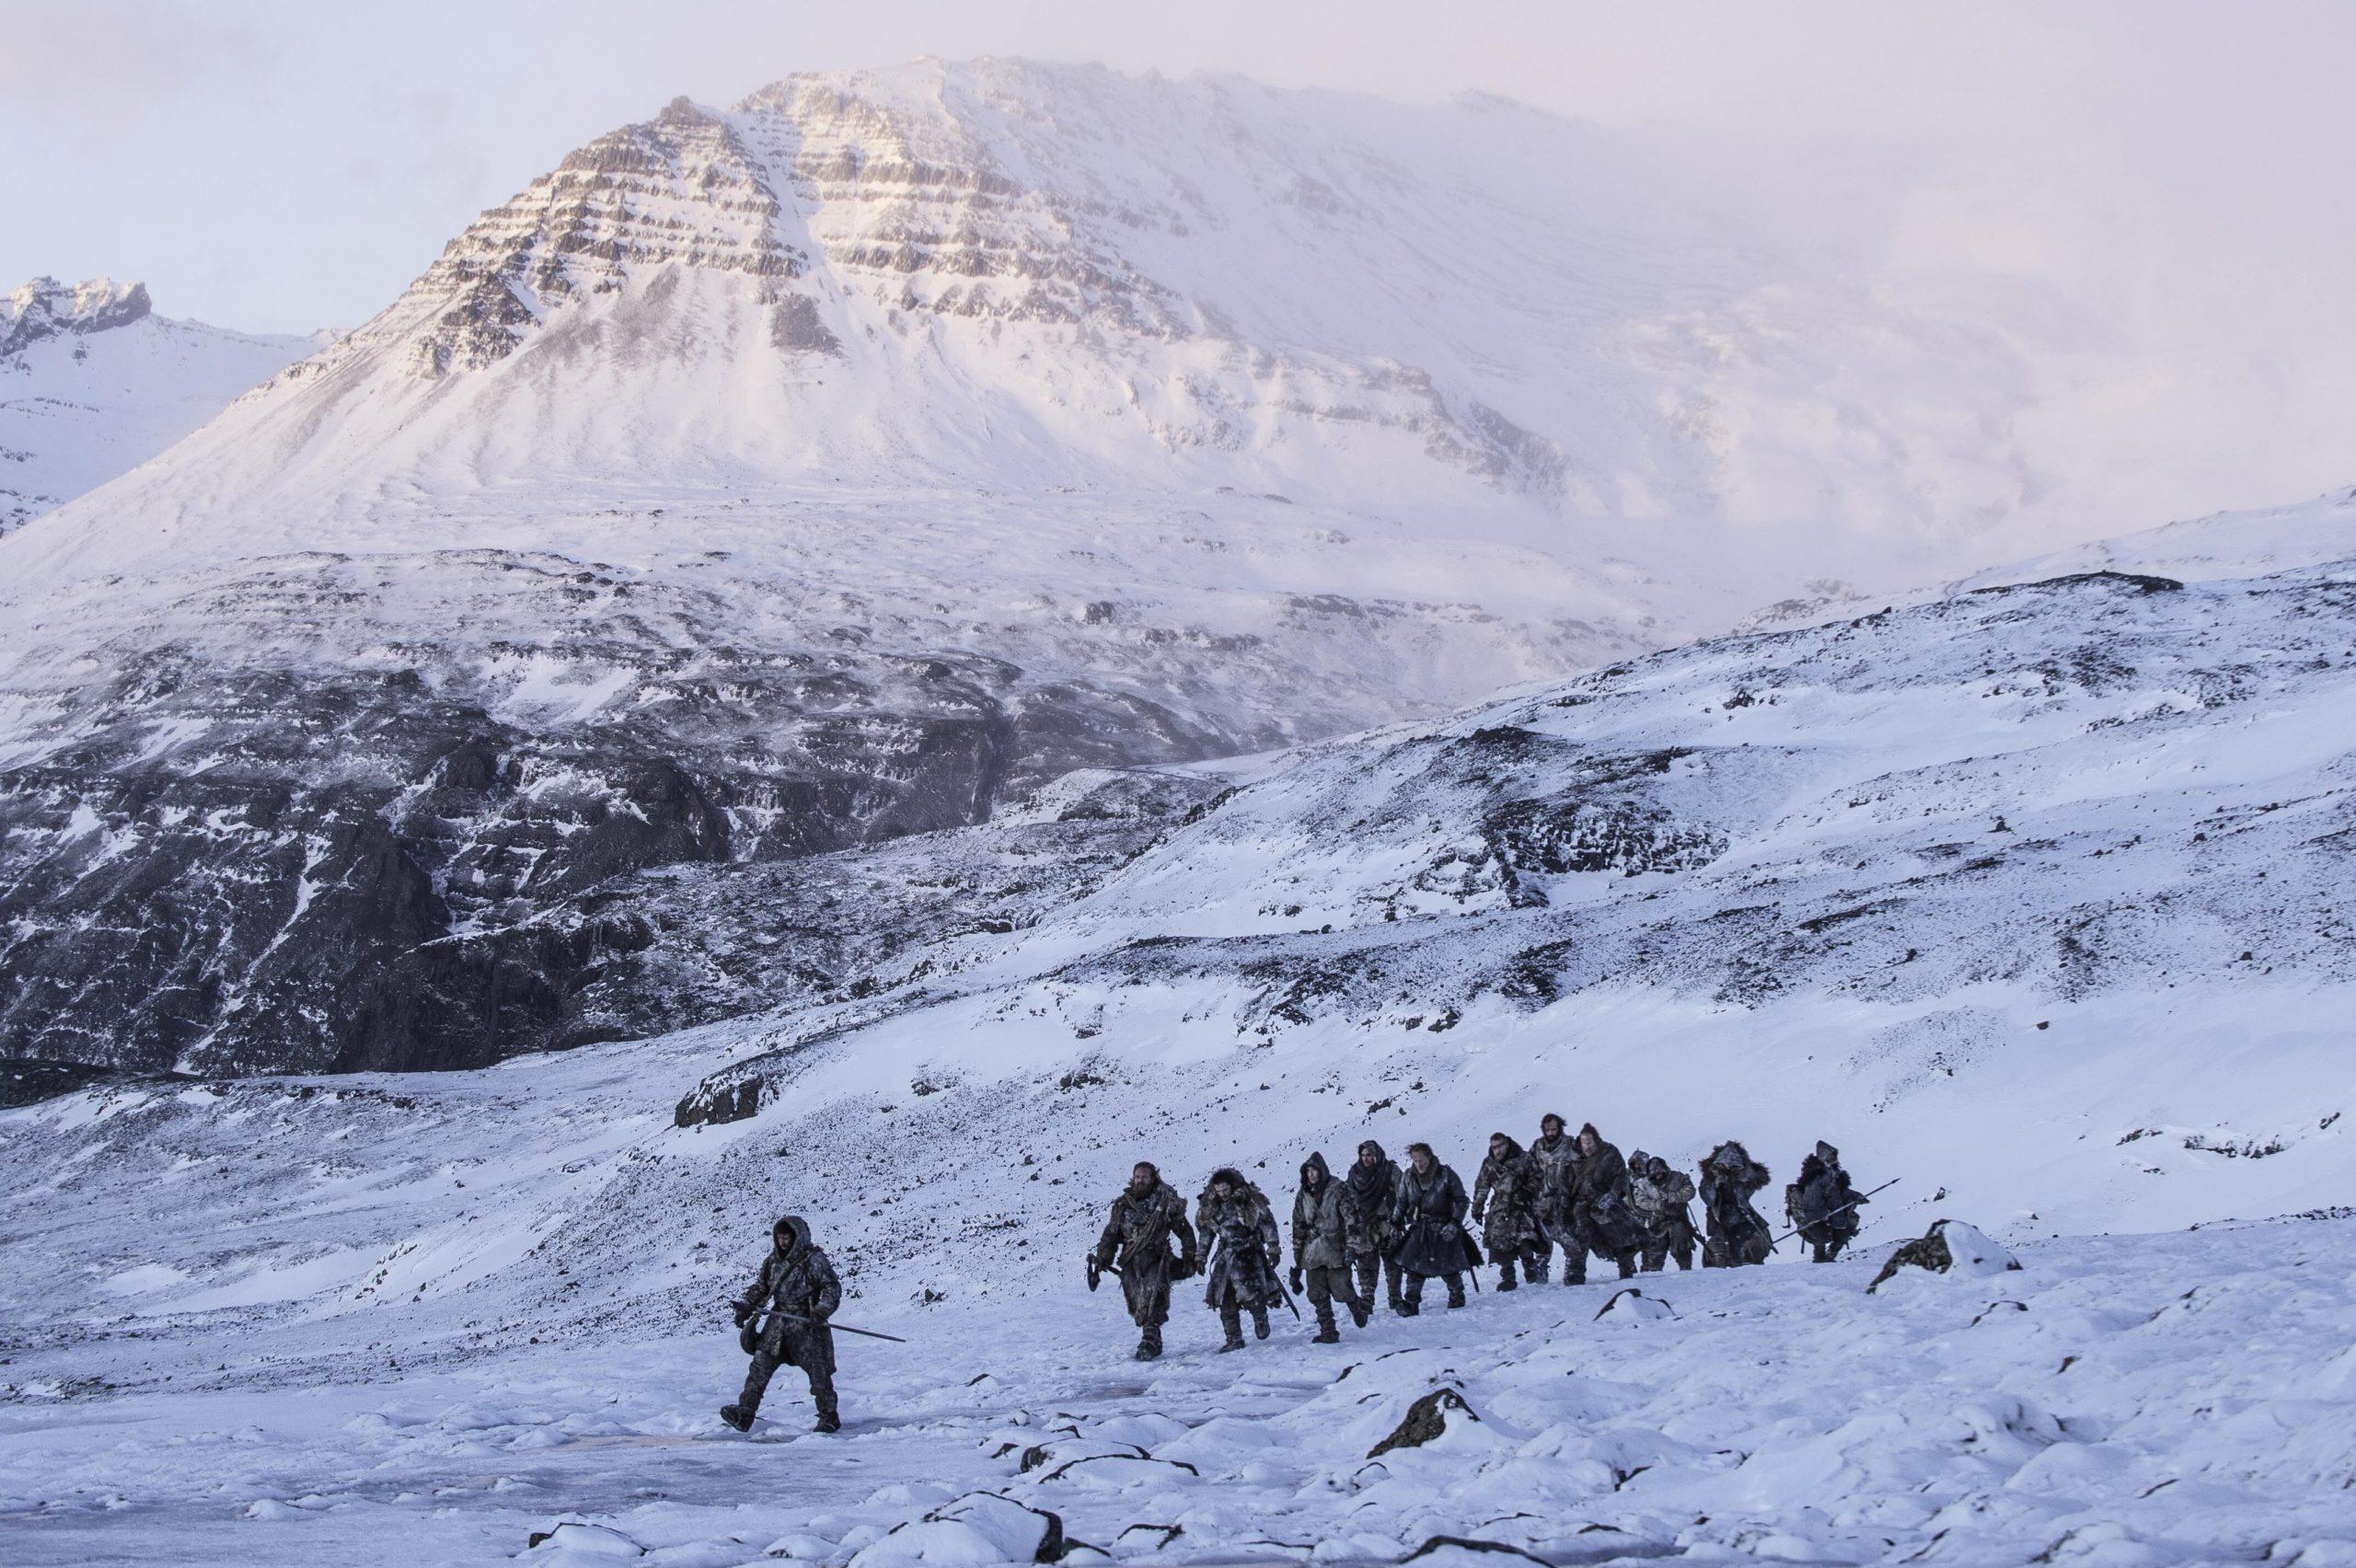 GOT scene filmed in Iceland